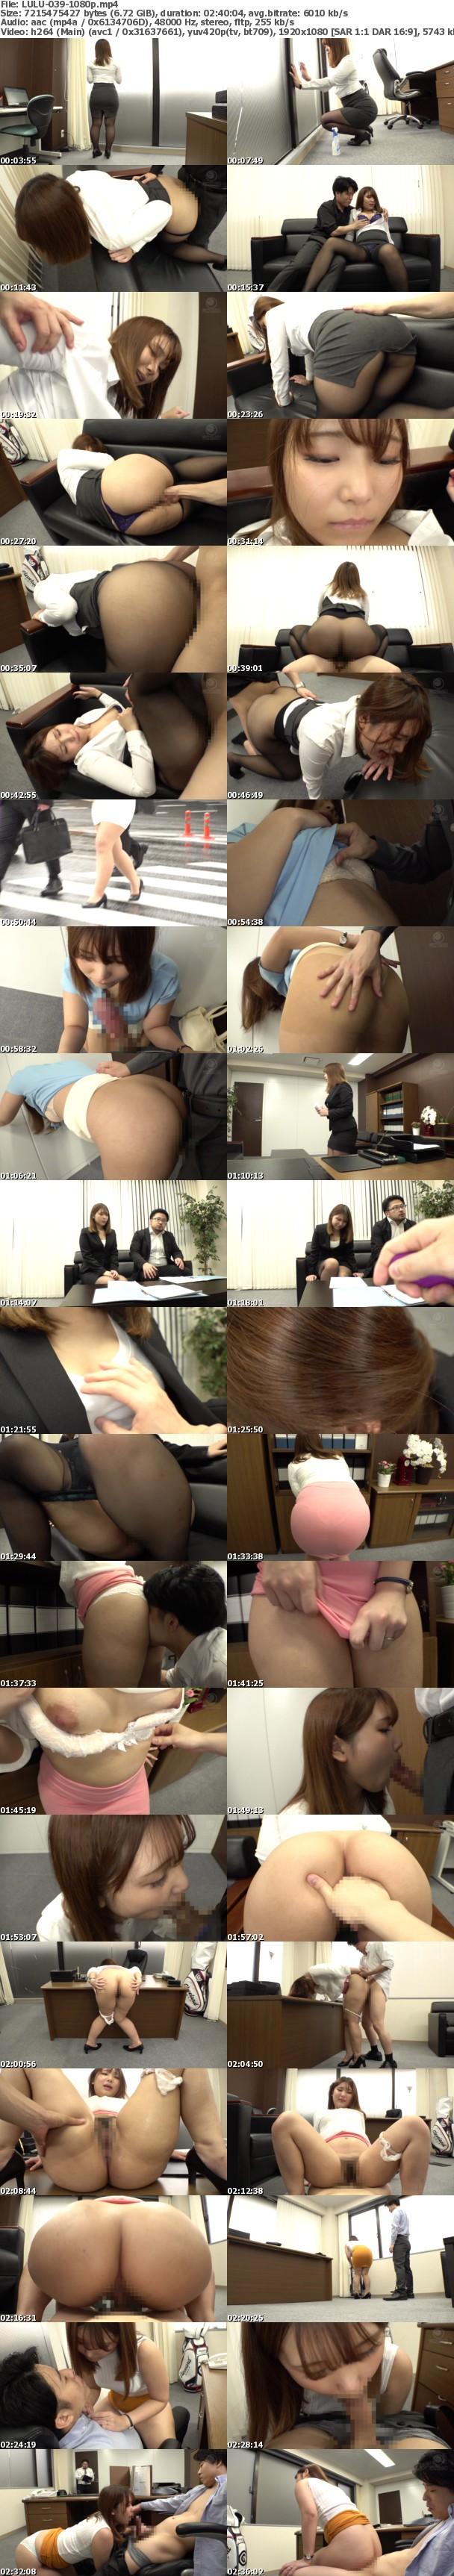 (Full HD) LULU-039 新婚人妻秘書のデカ尻に我慢できず2人きりの社長室で寝取って毎日生ハメ中出しした 川原かなえ